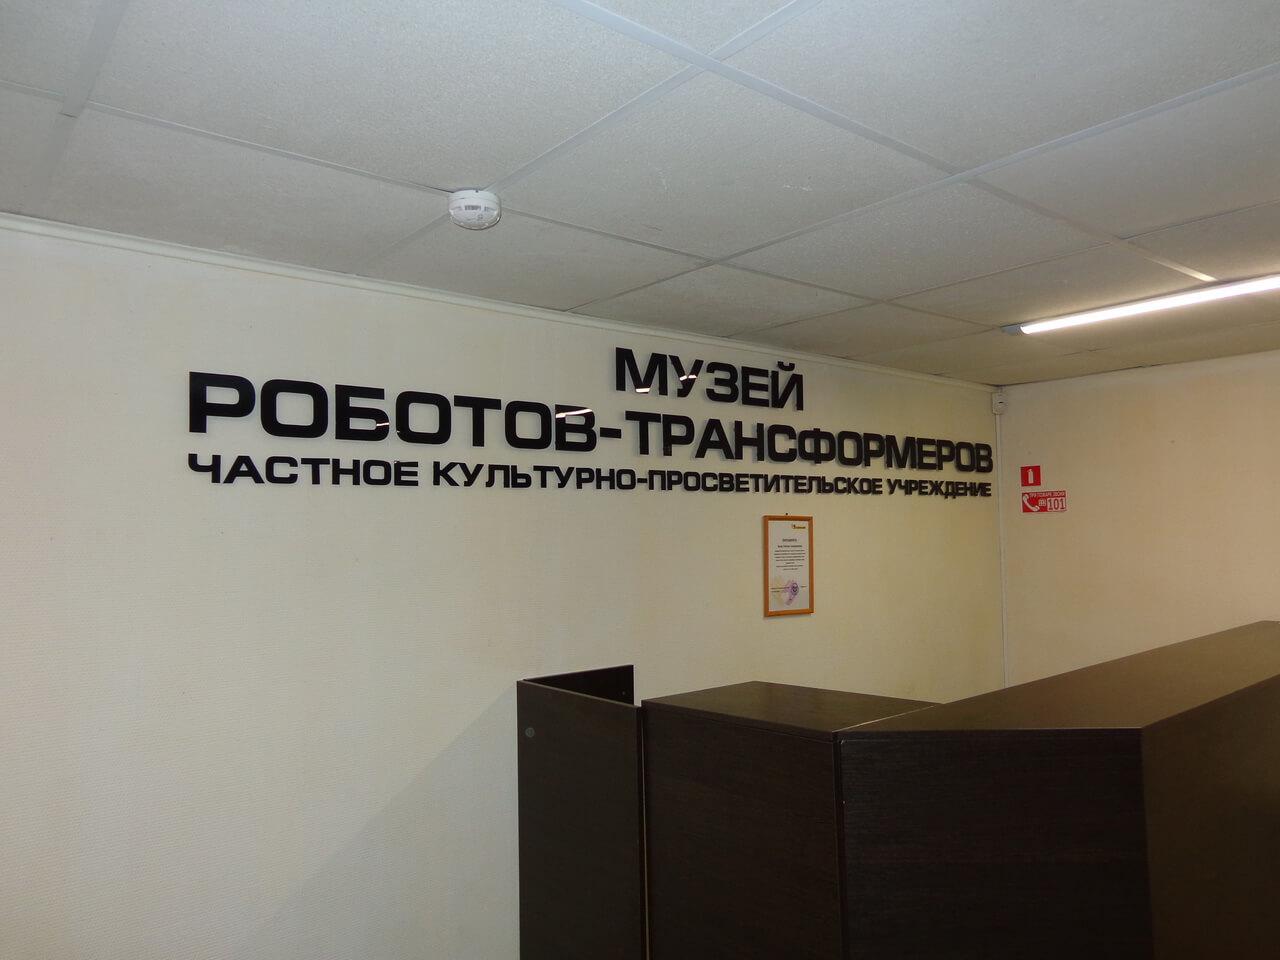 Музей роботов-трансформеров, Пермь